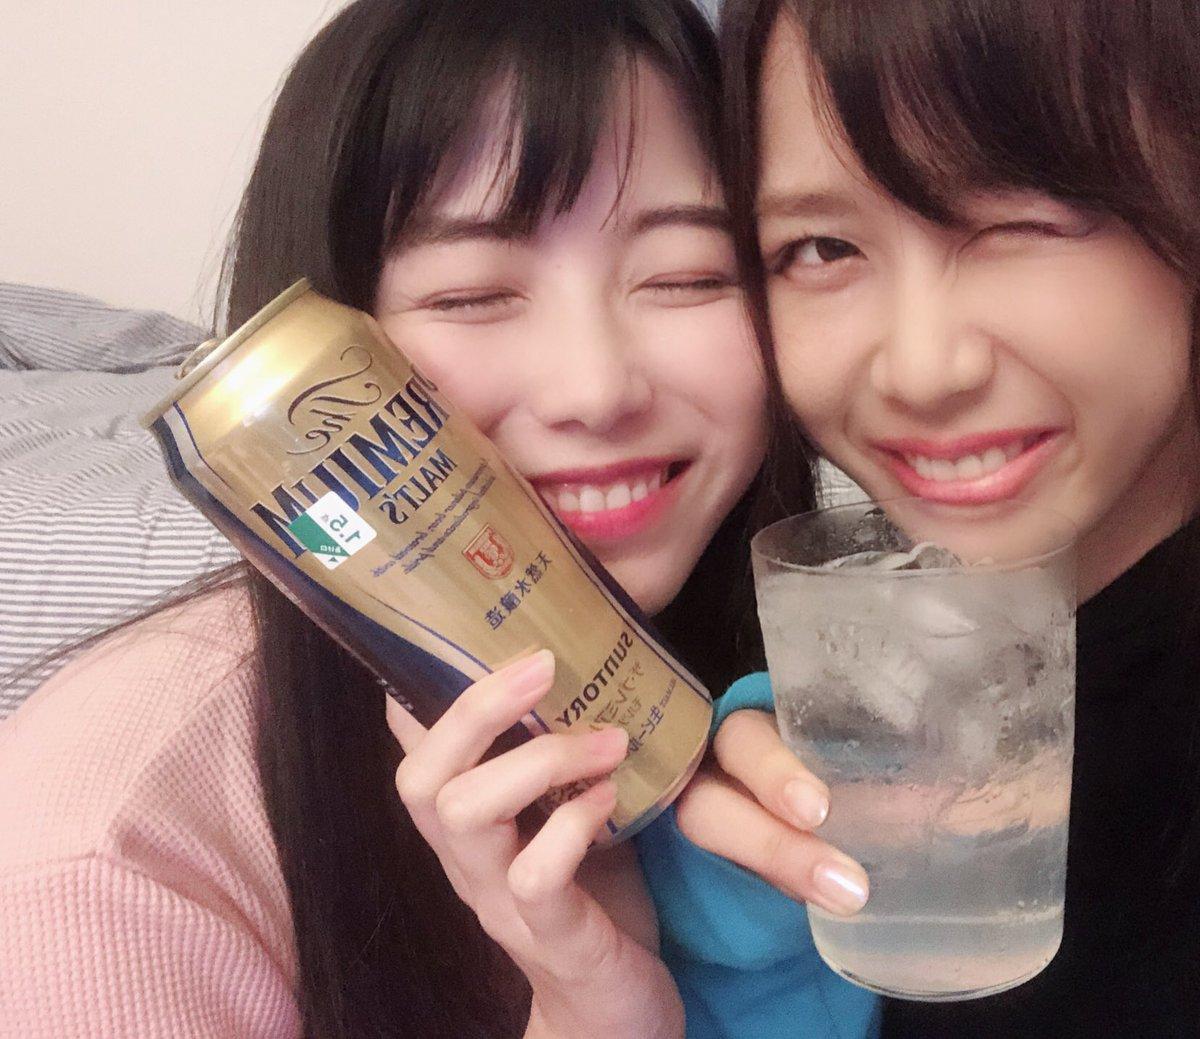 【悲報】AKB48総監督、深夜に飲酒配信→ツイ消し証拠隠滅【横山由依・大家志津香】